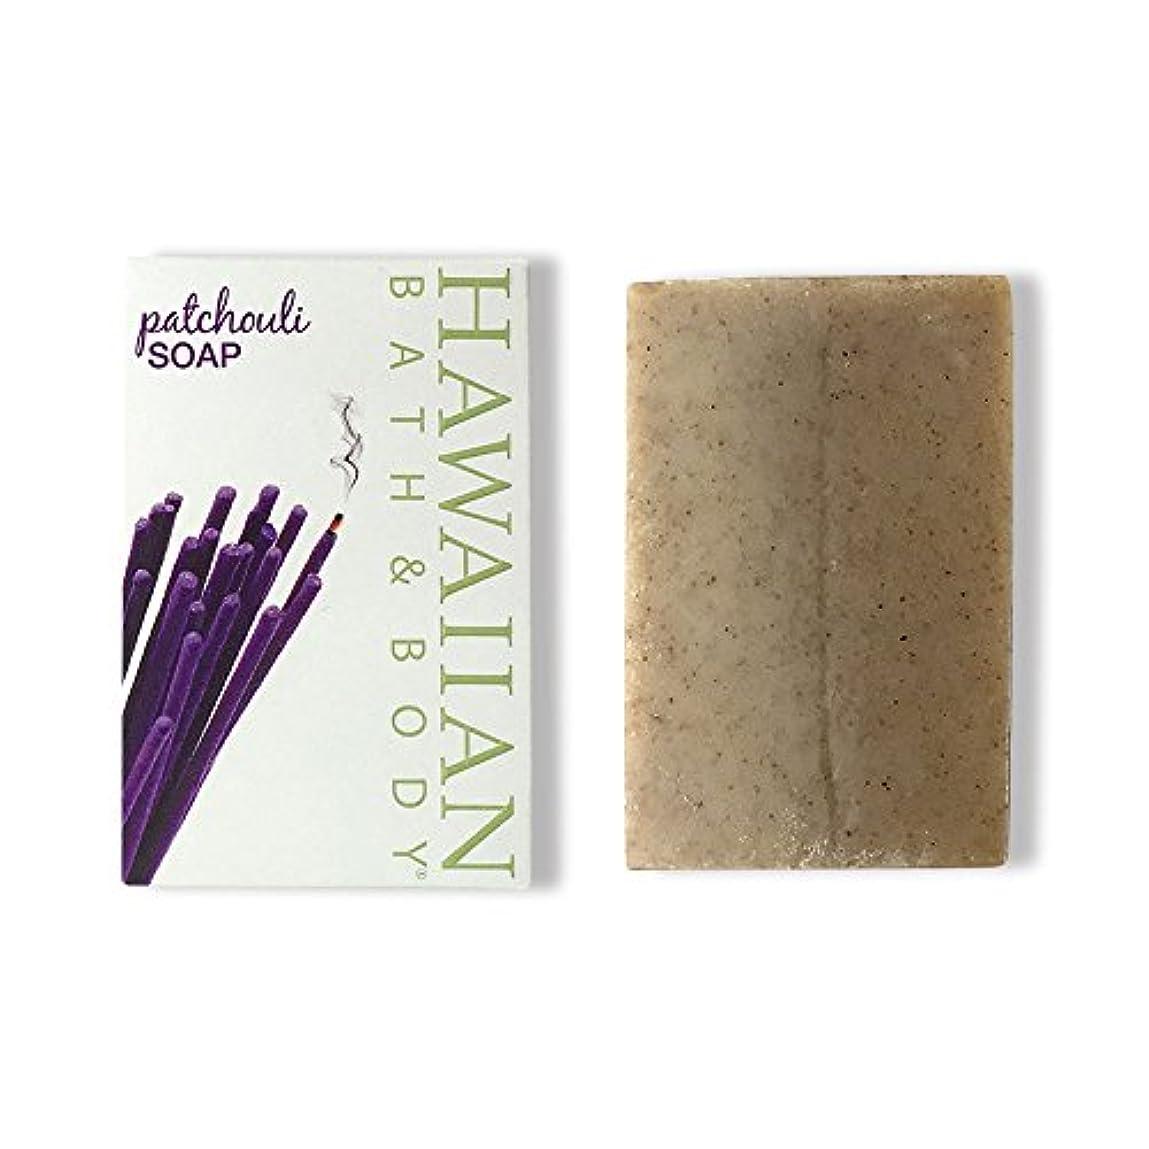 ハワイアンバス&ボディ パチュリ?ナチュラルソープ ( Pachouli Soap )